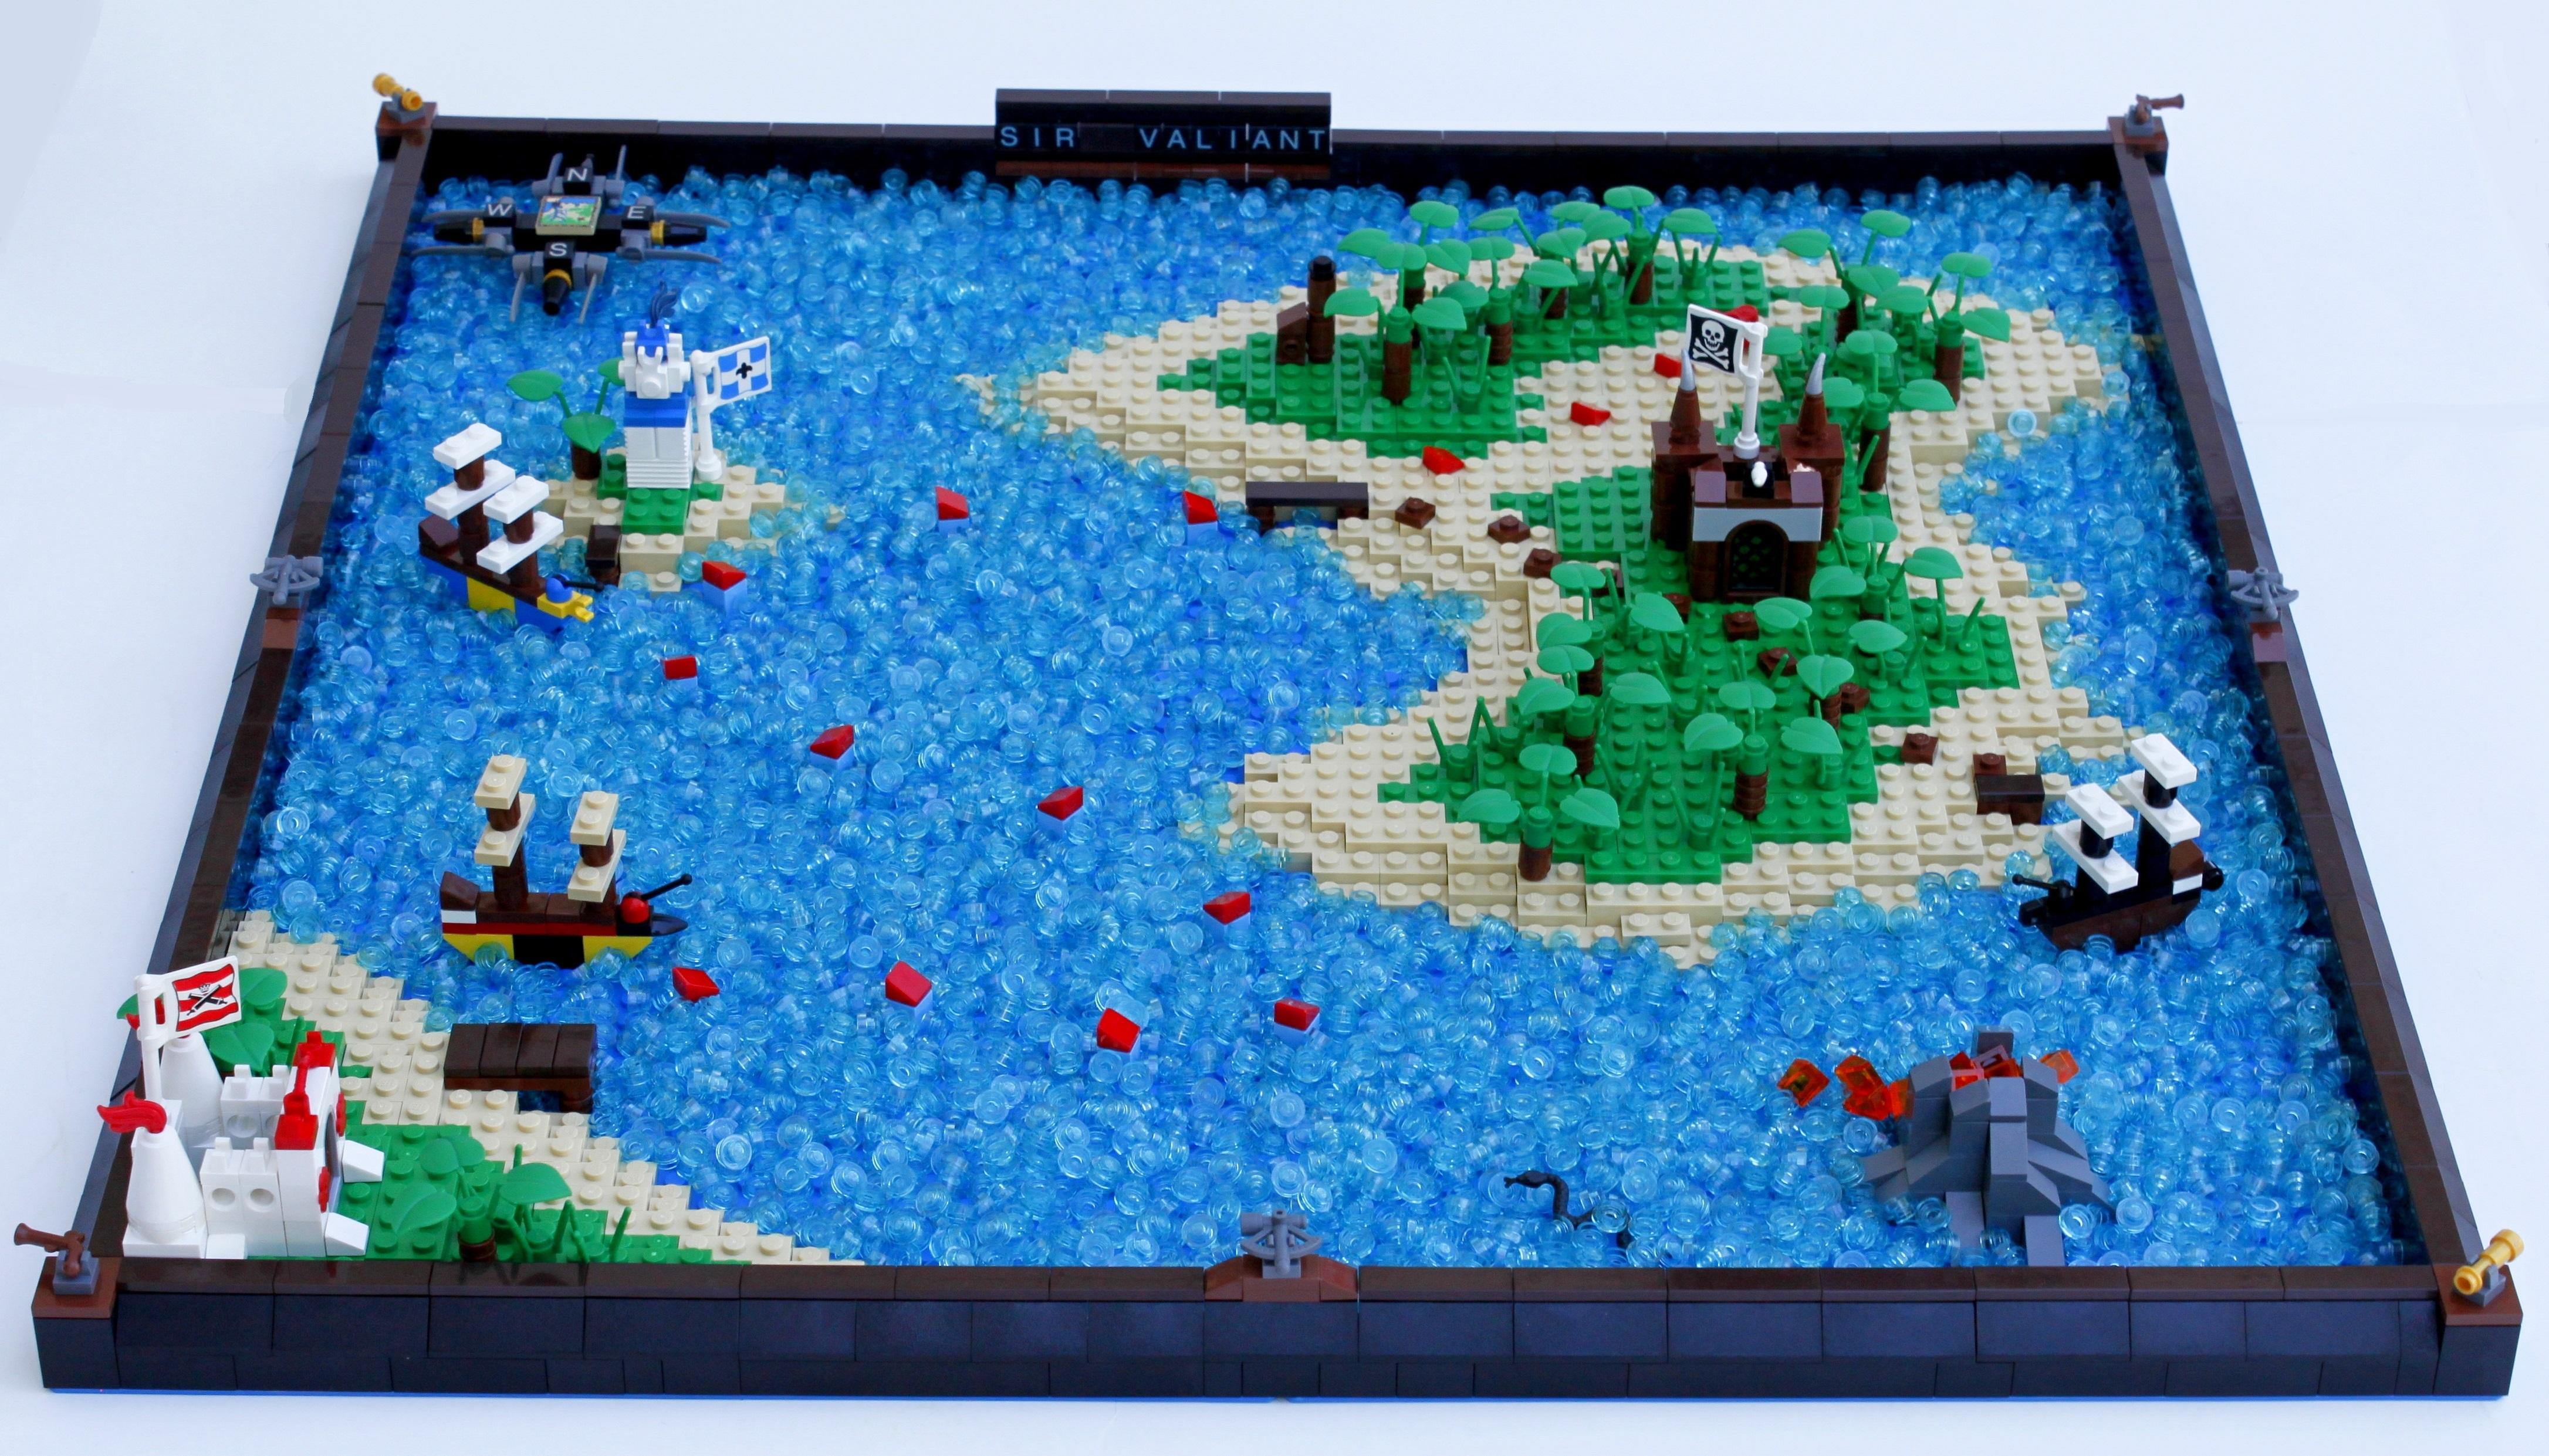 Fond d 39 cran le lego les pirates pirate construire manteaux rouges bluecoats moc - Ile pirate lego ...